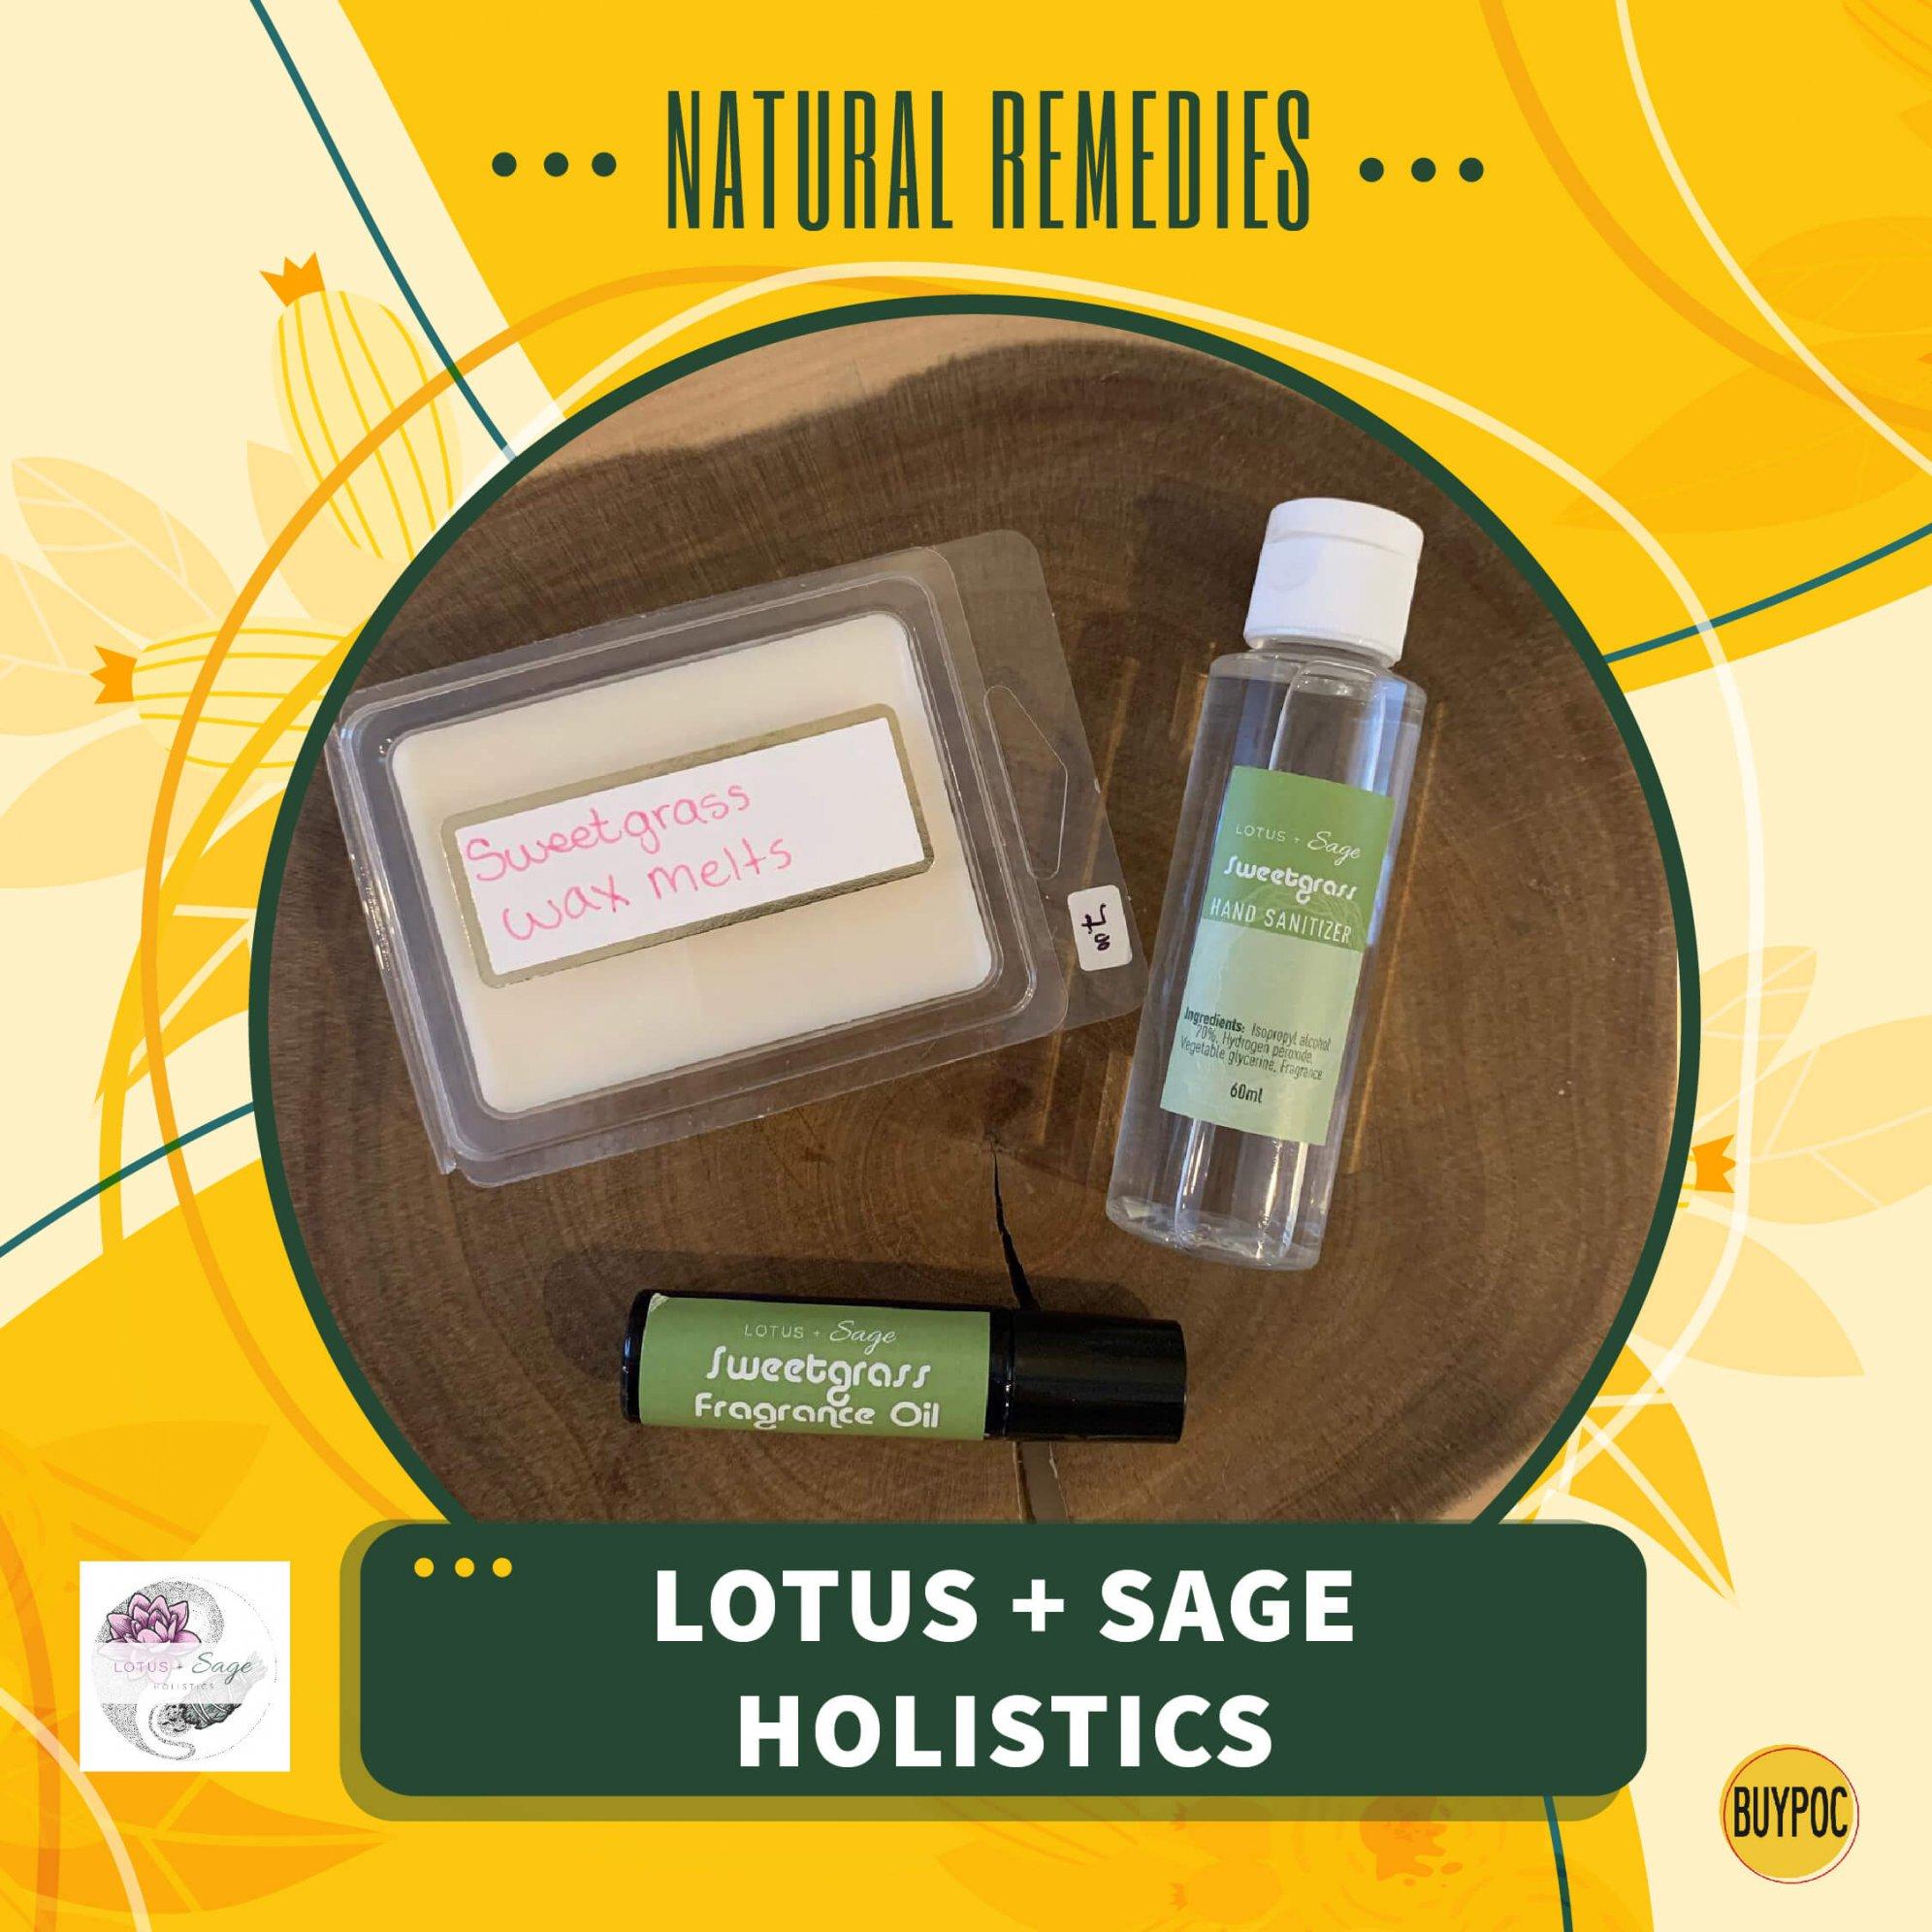 Lotus + Sage Holistics